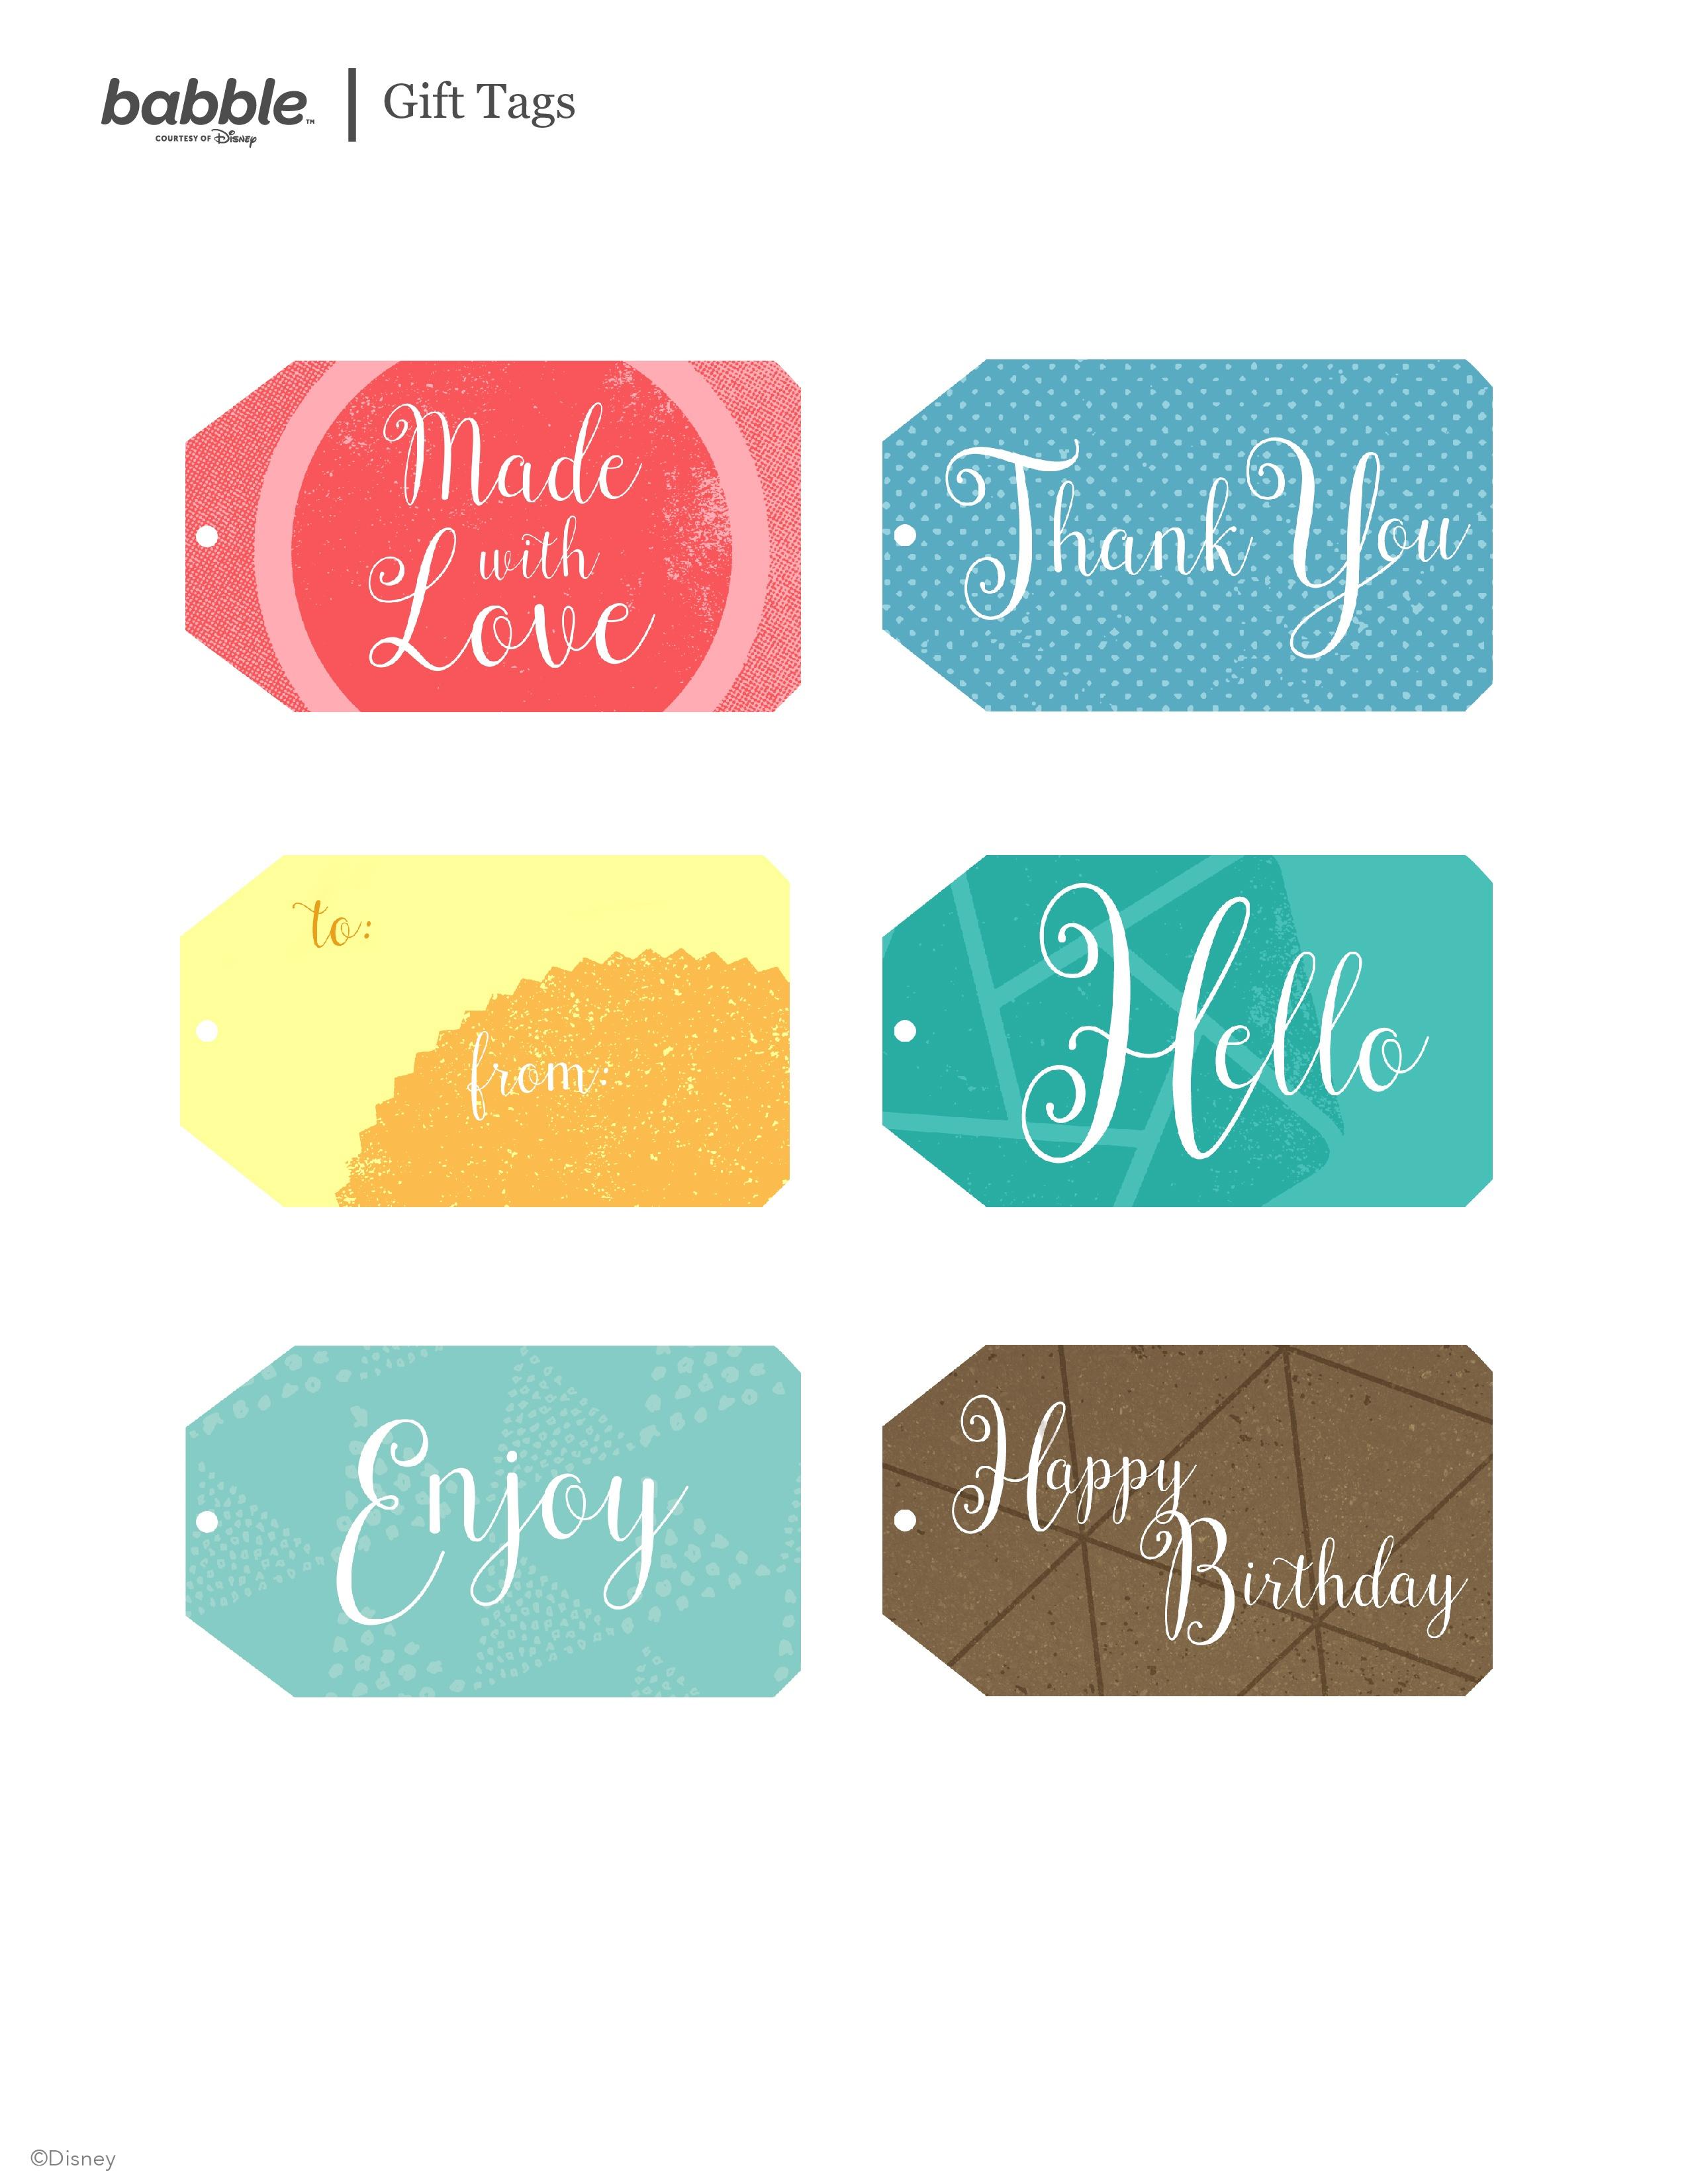 Free Printable Gift Tags | Babble - Free Printable Toe Tags